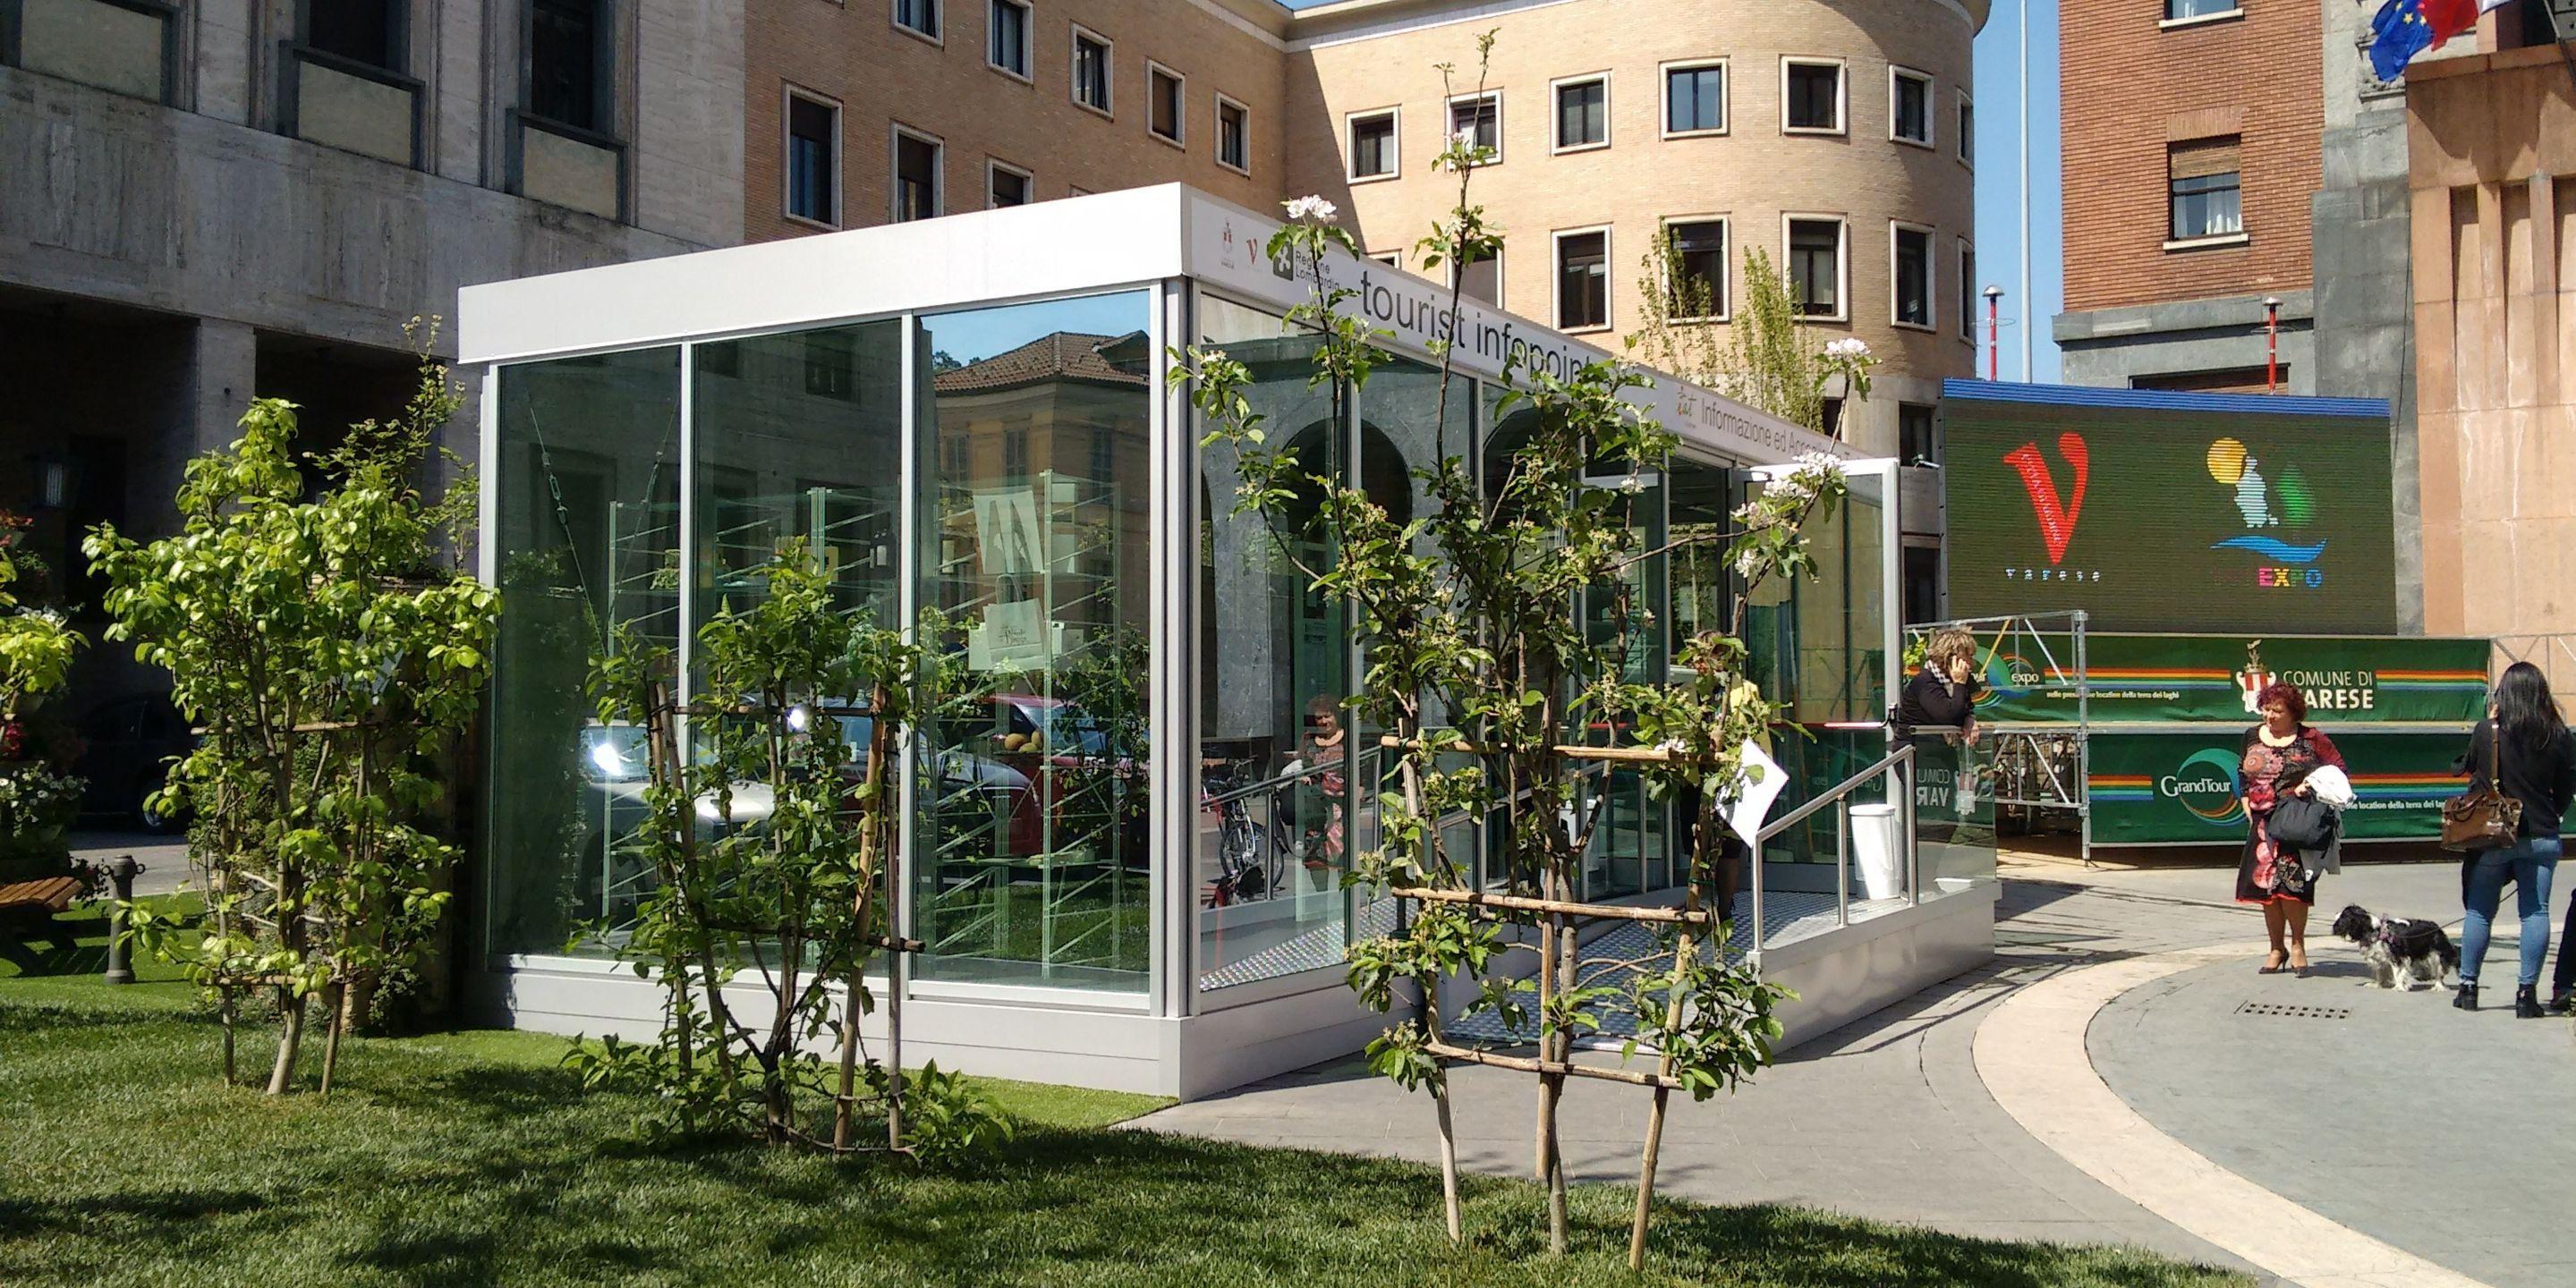 Ufficio Verde Pubblico Varese : Mafia mattinata le mani dei boss sul verde pubblico e gli